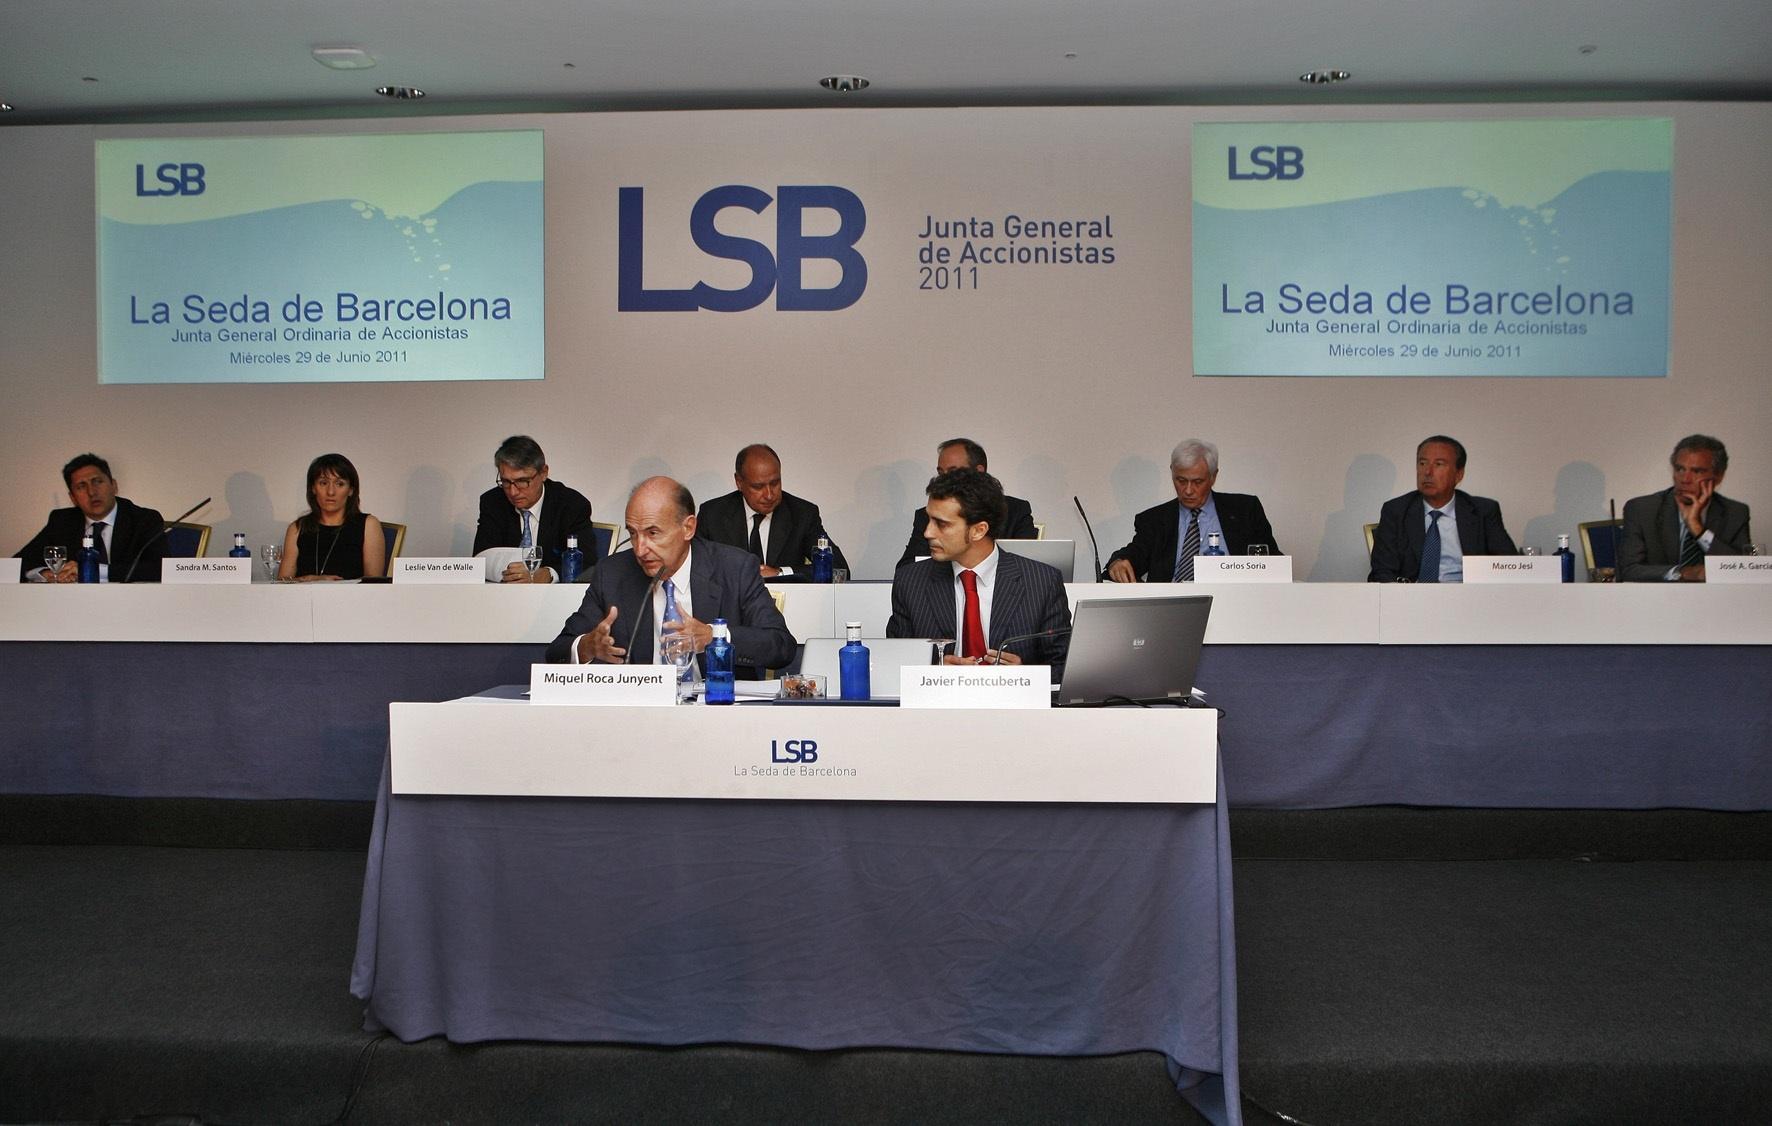 (Ampliación) La Seda de Barcelona presenta concurso de acreedores